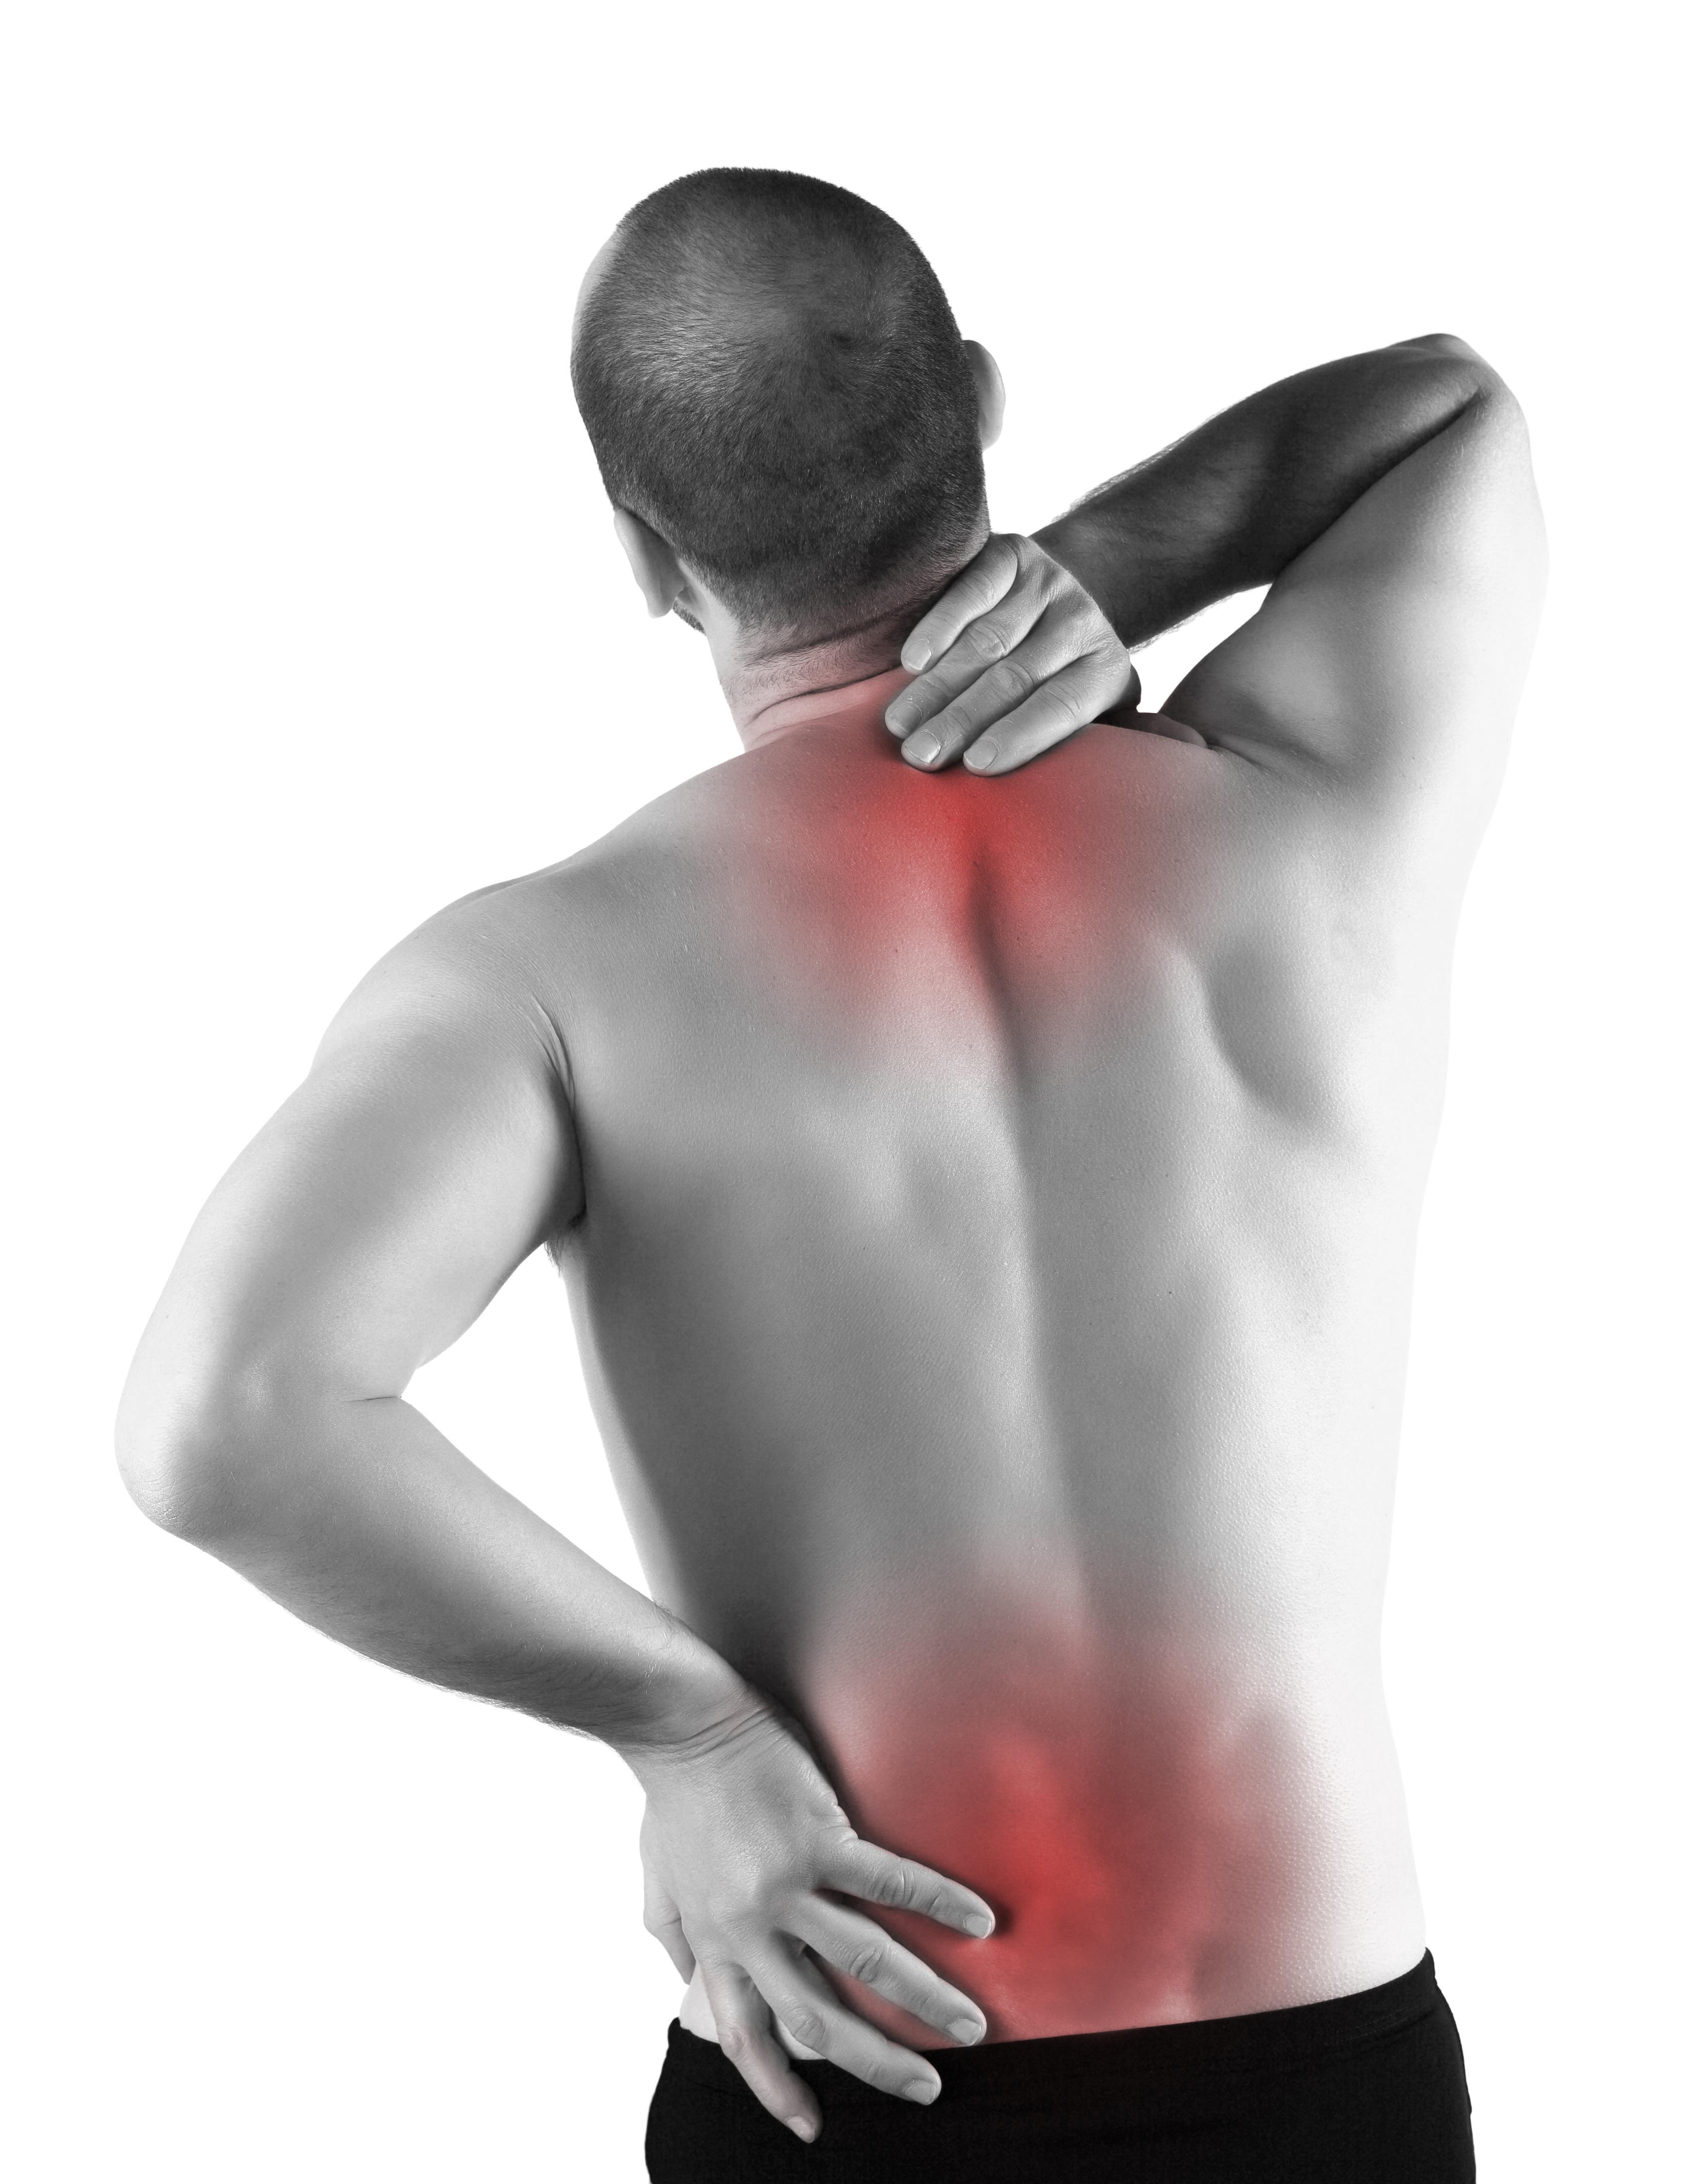 low back pain, burning, aching